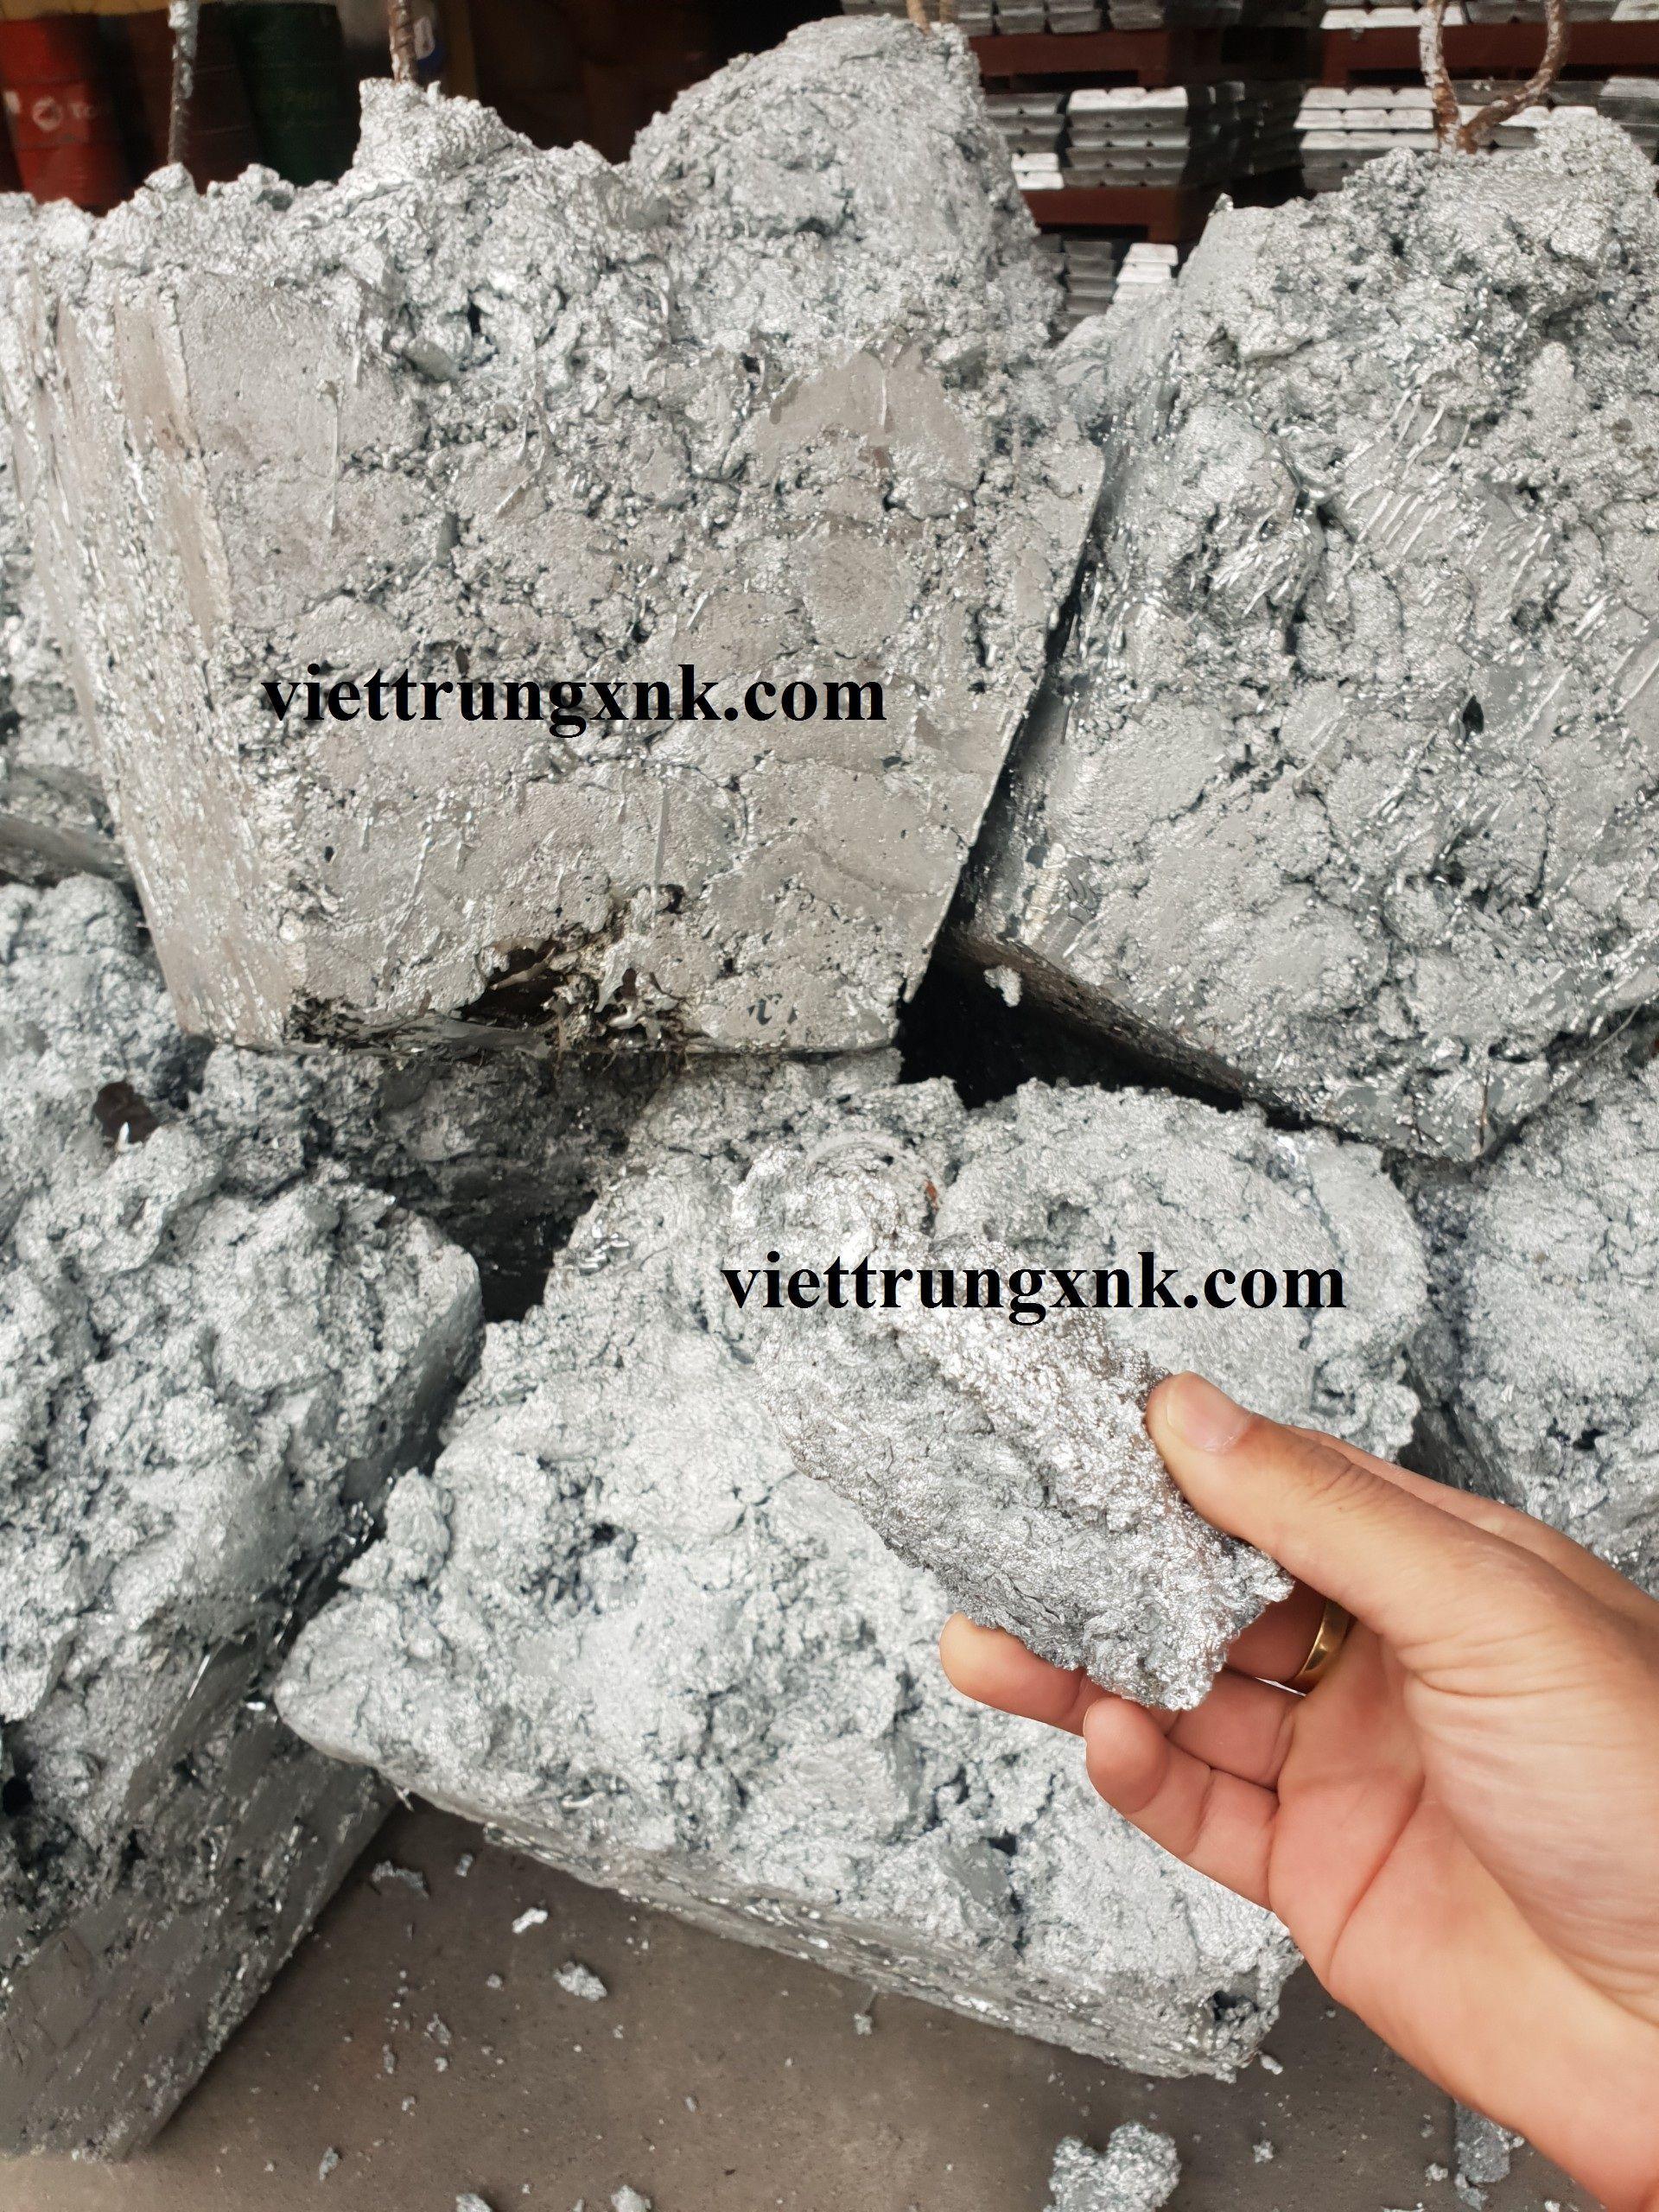 Zinc dross from Vietnam